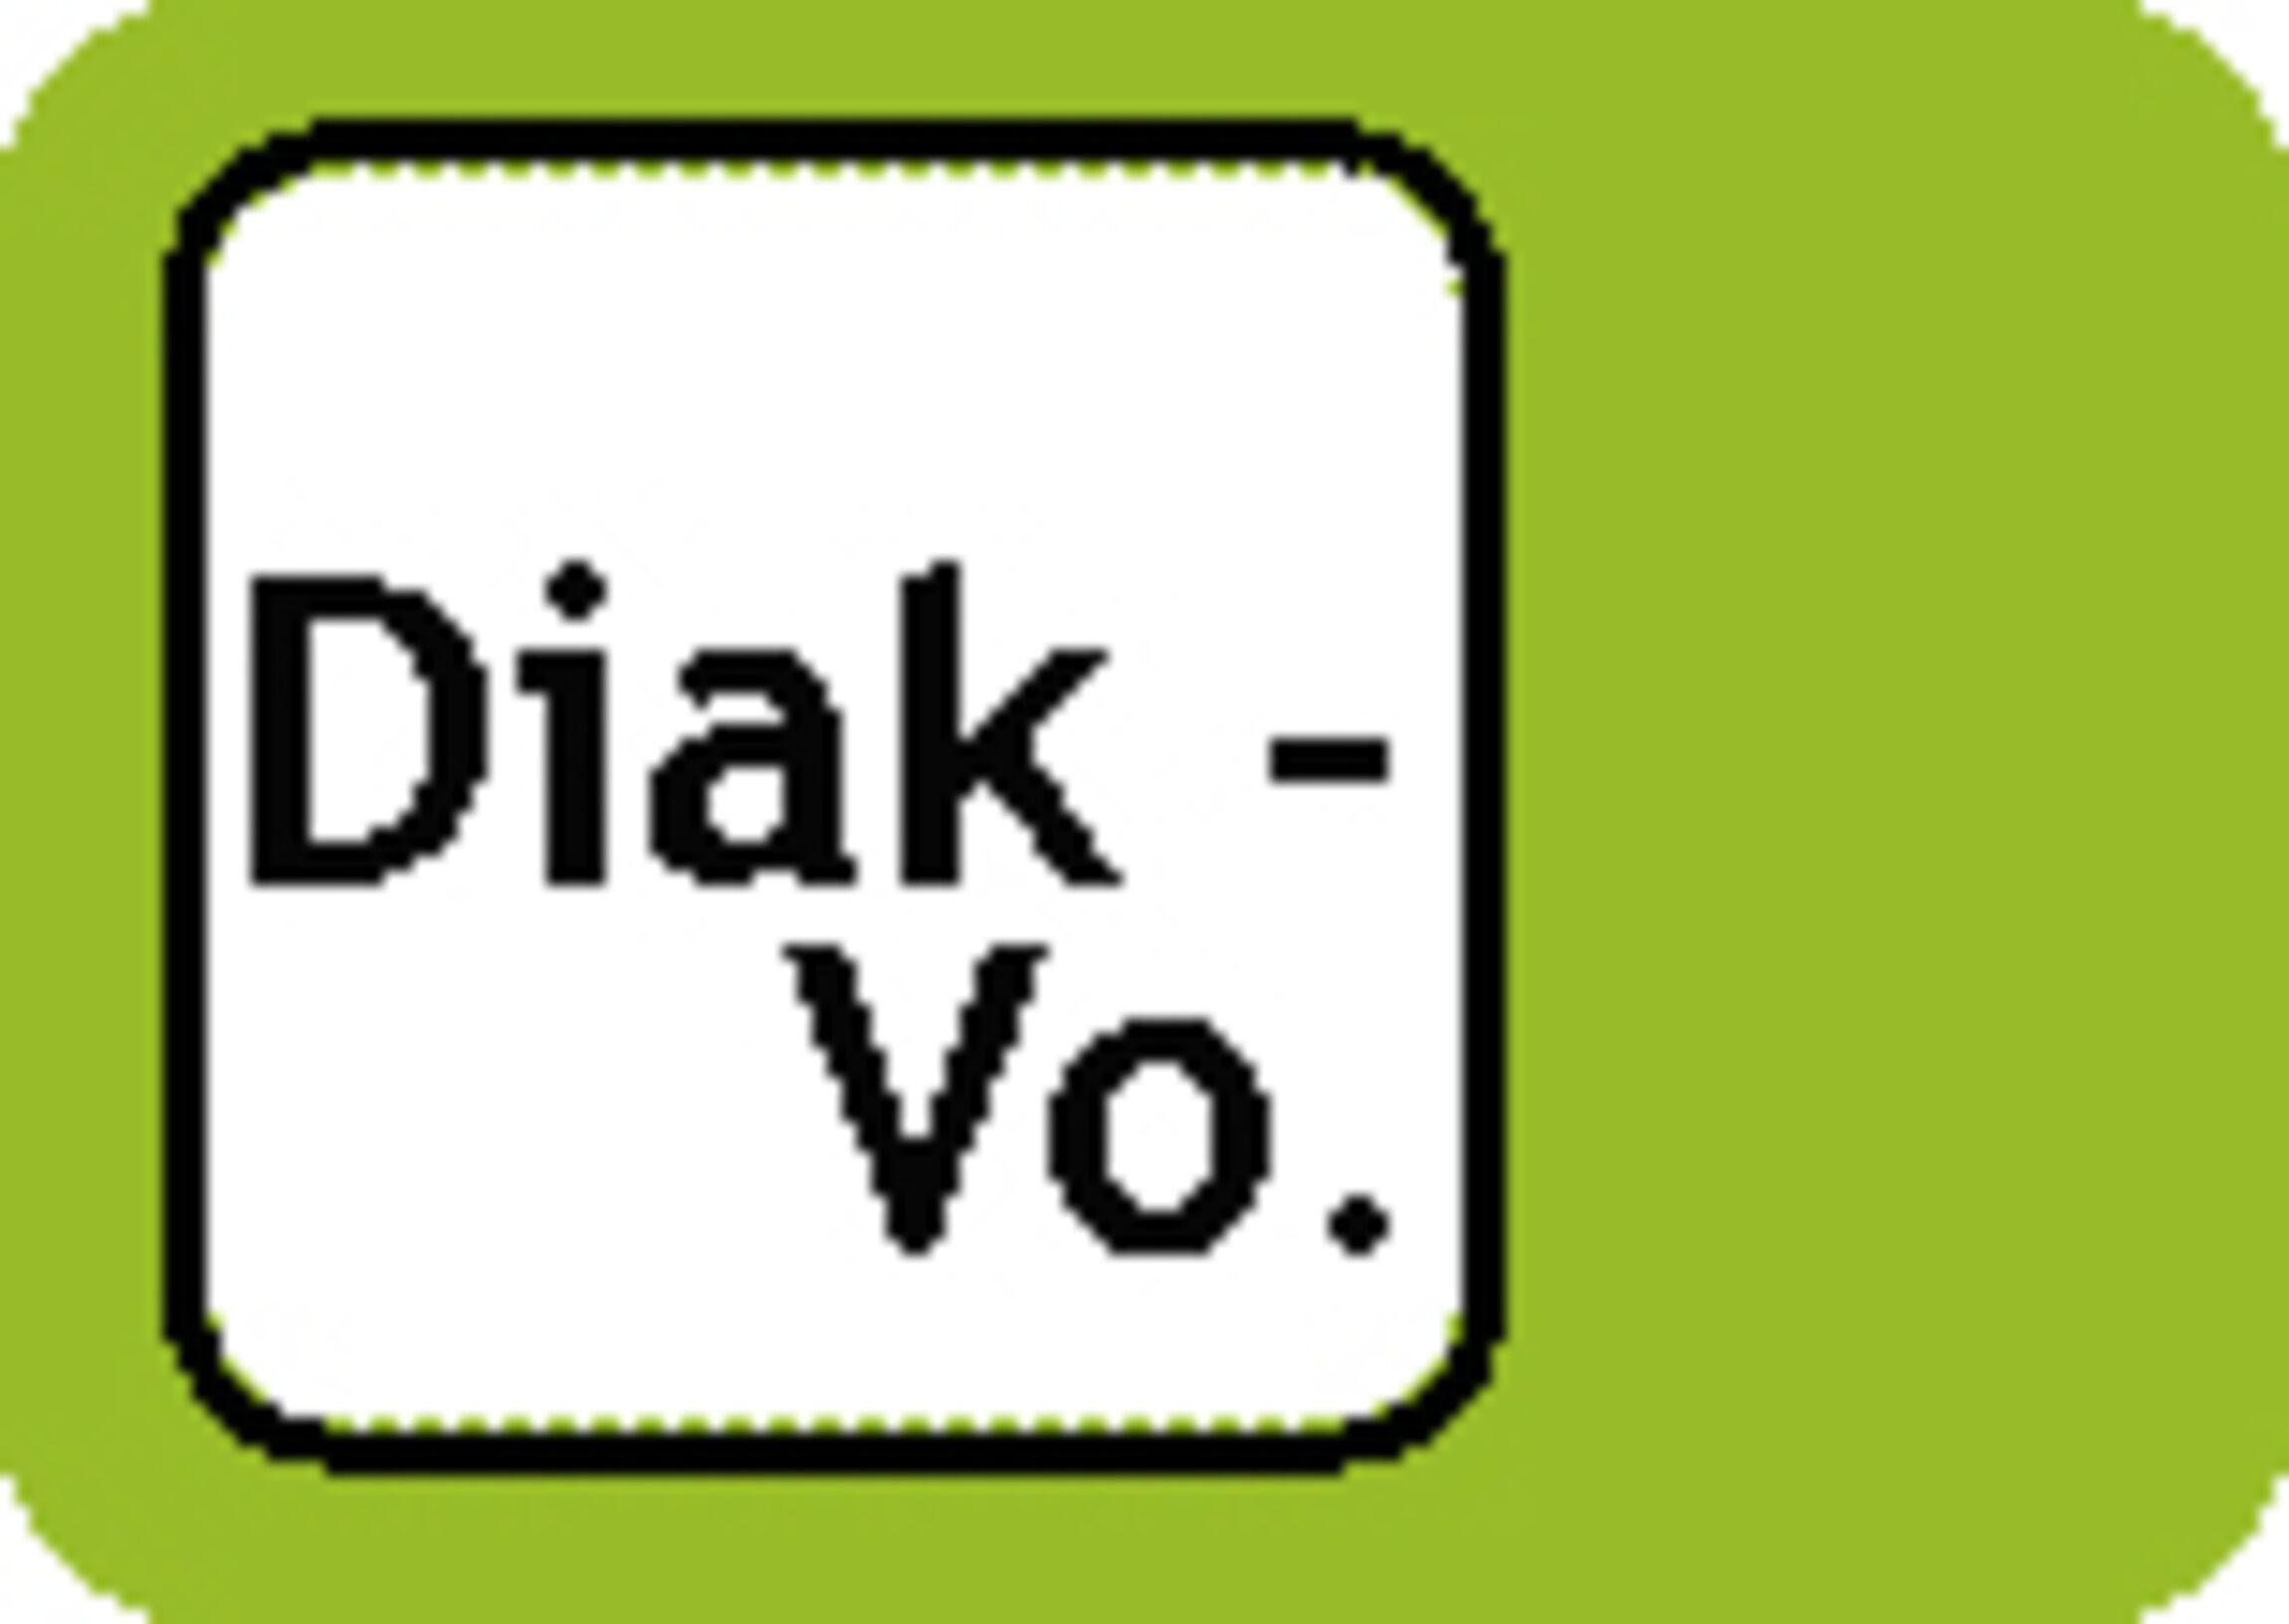 DiakVo